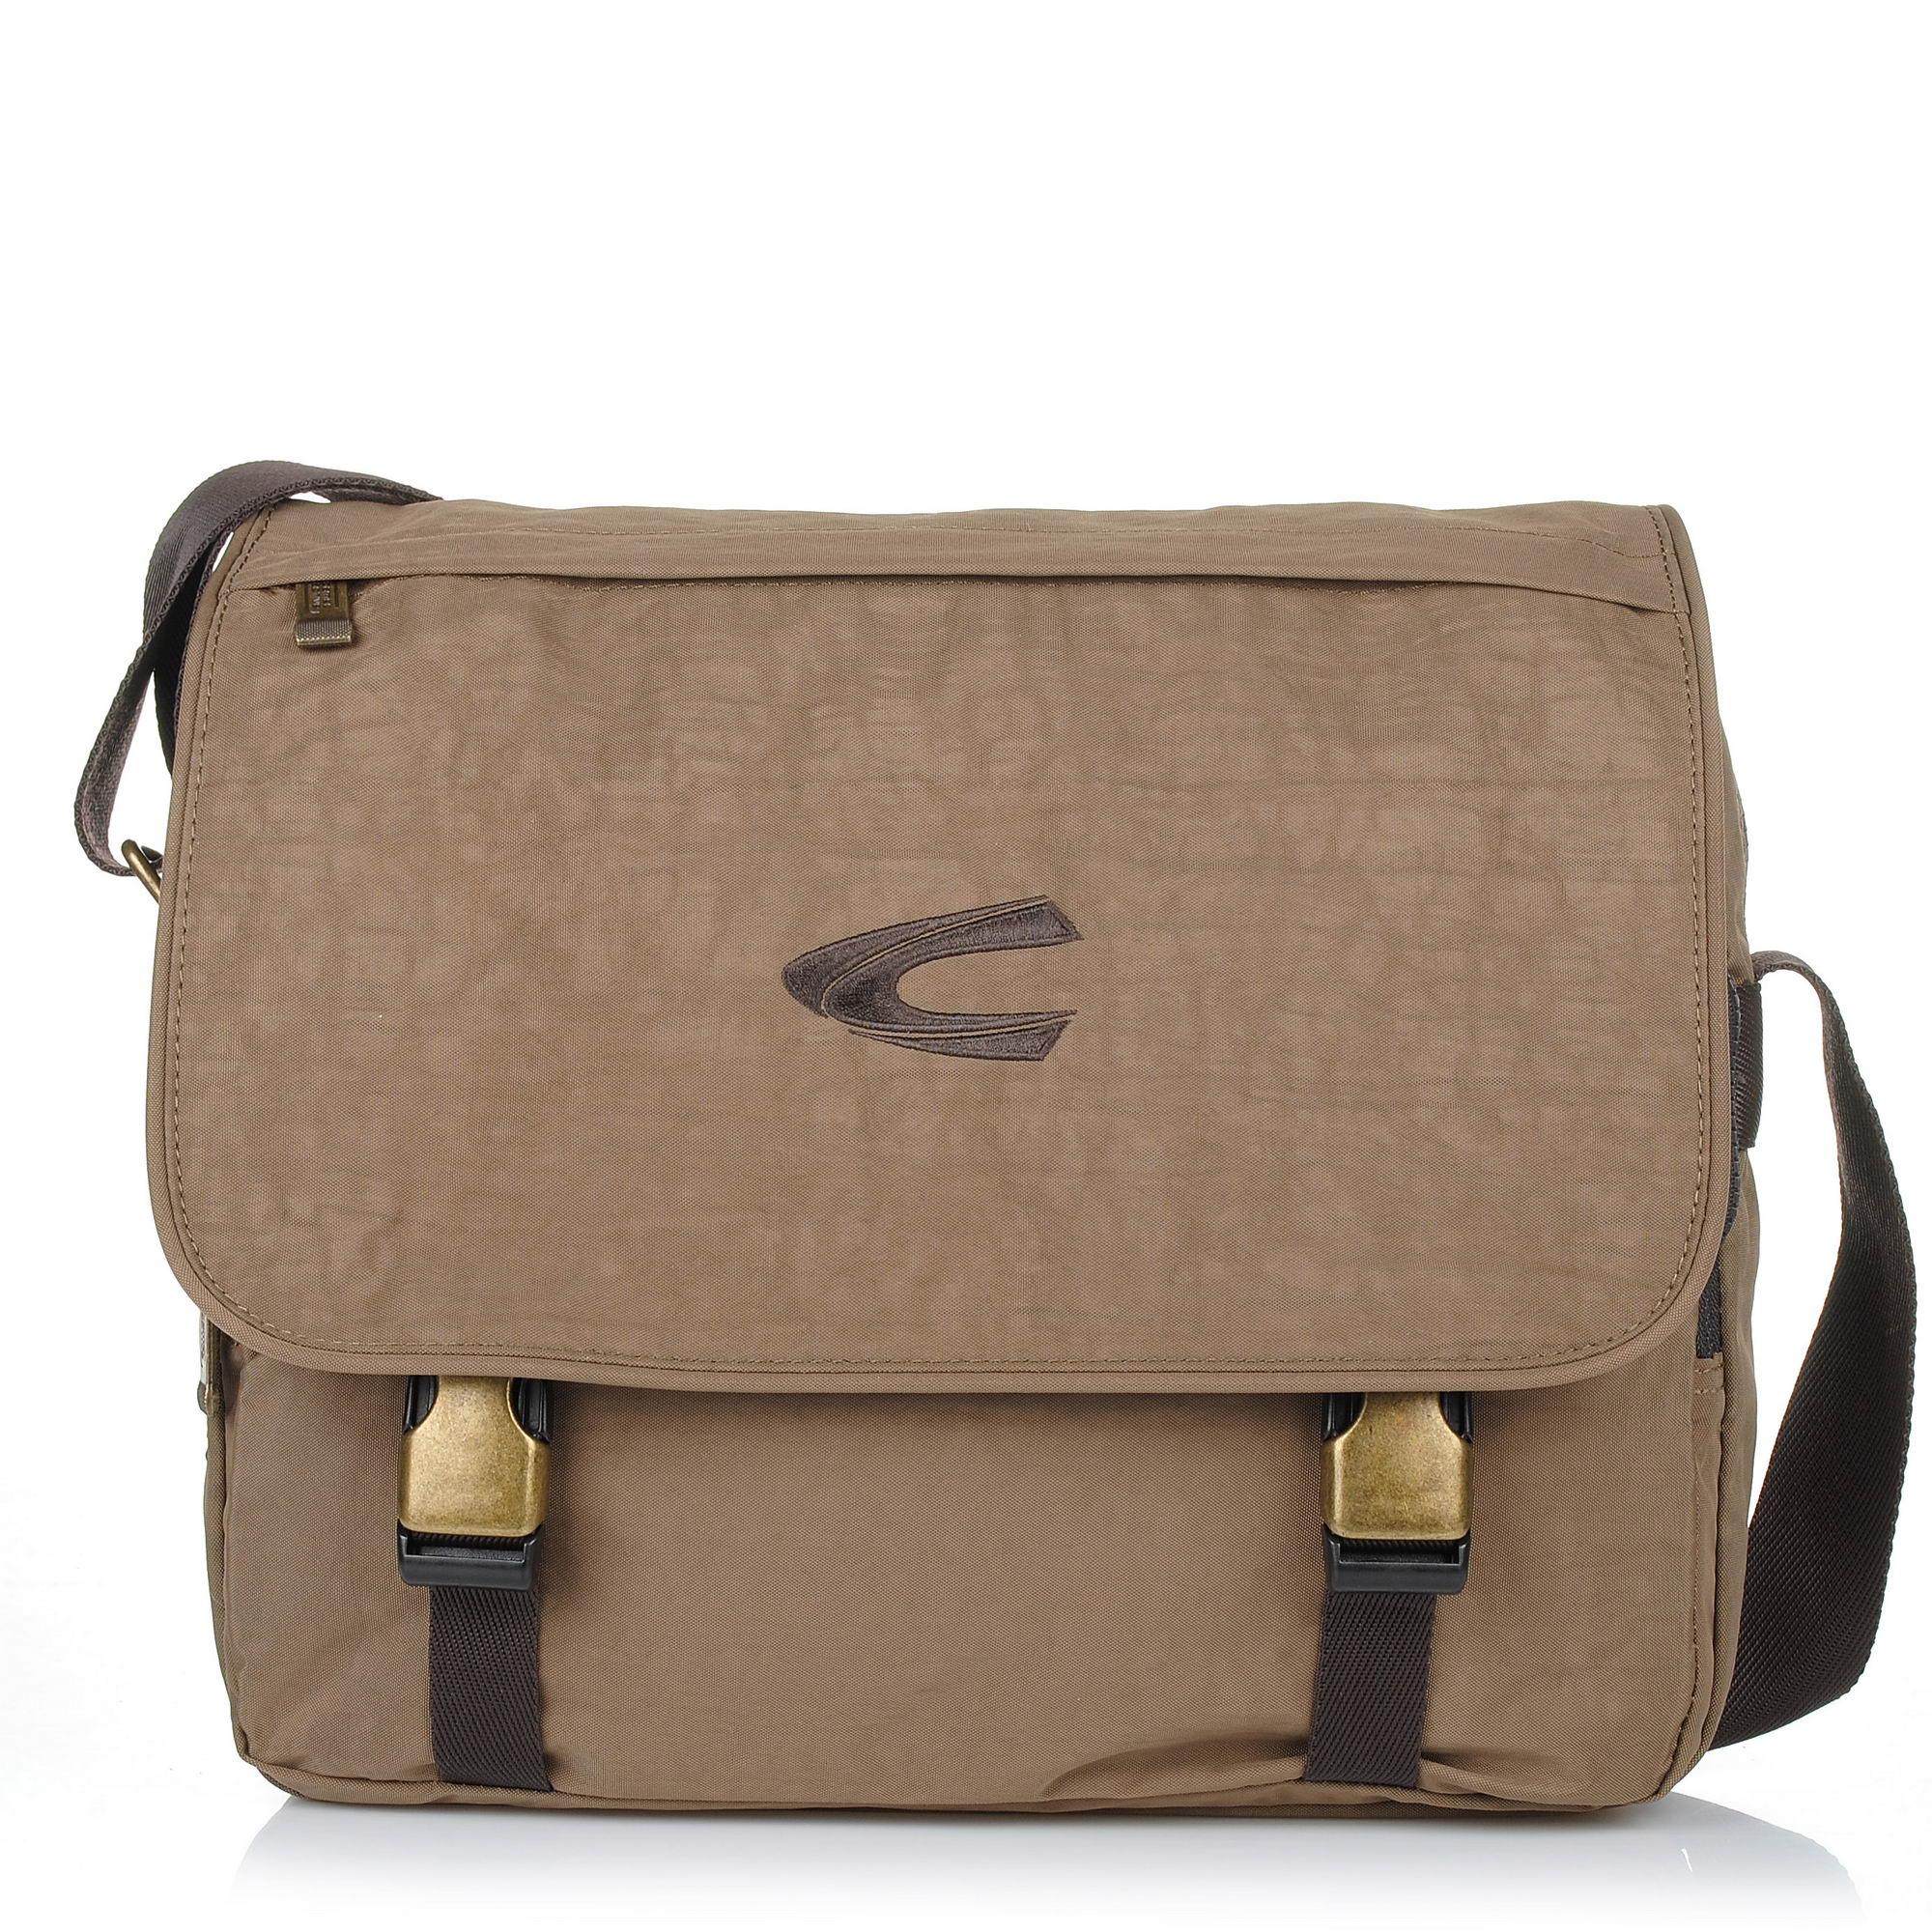 Τσάντα Ταχυδρόμου Camel Active Journey B00803 επαγγελματικα   τσάντα ταχυδρόμου